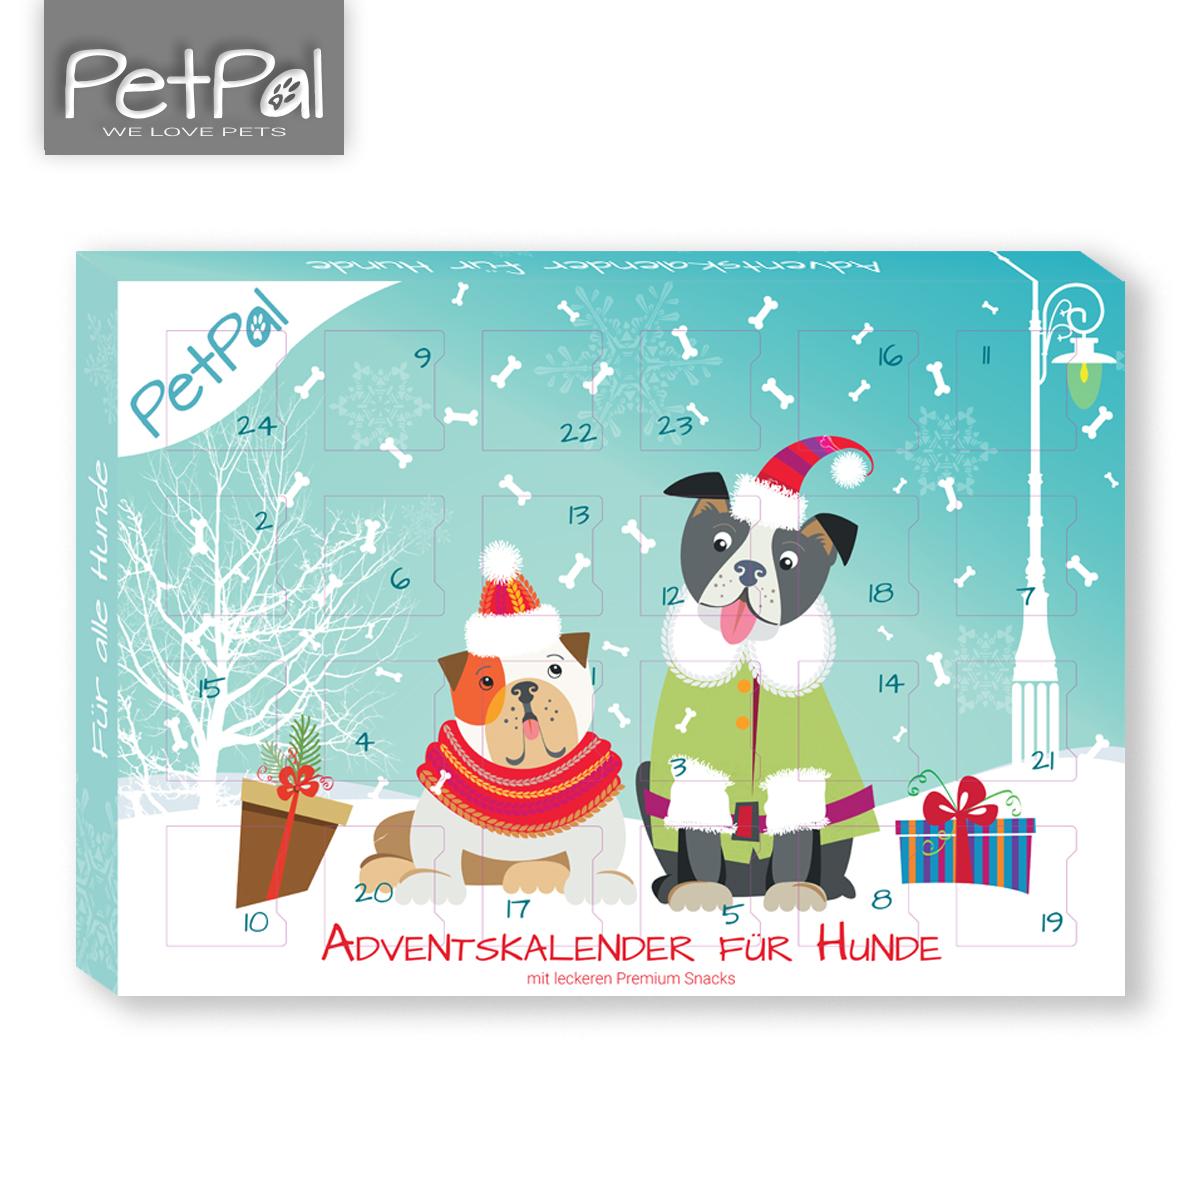 Weihnachtskalender Für Hunde.Adventskalender Für Hunde 2017